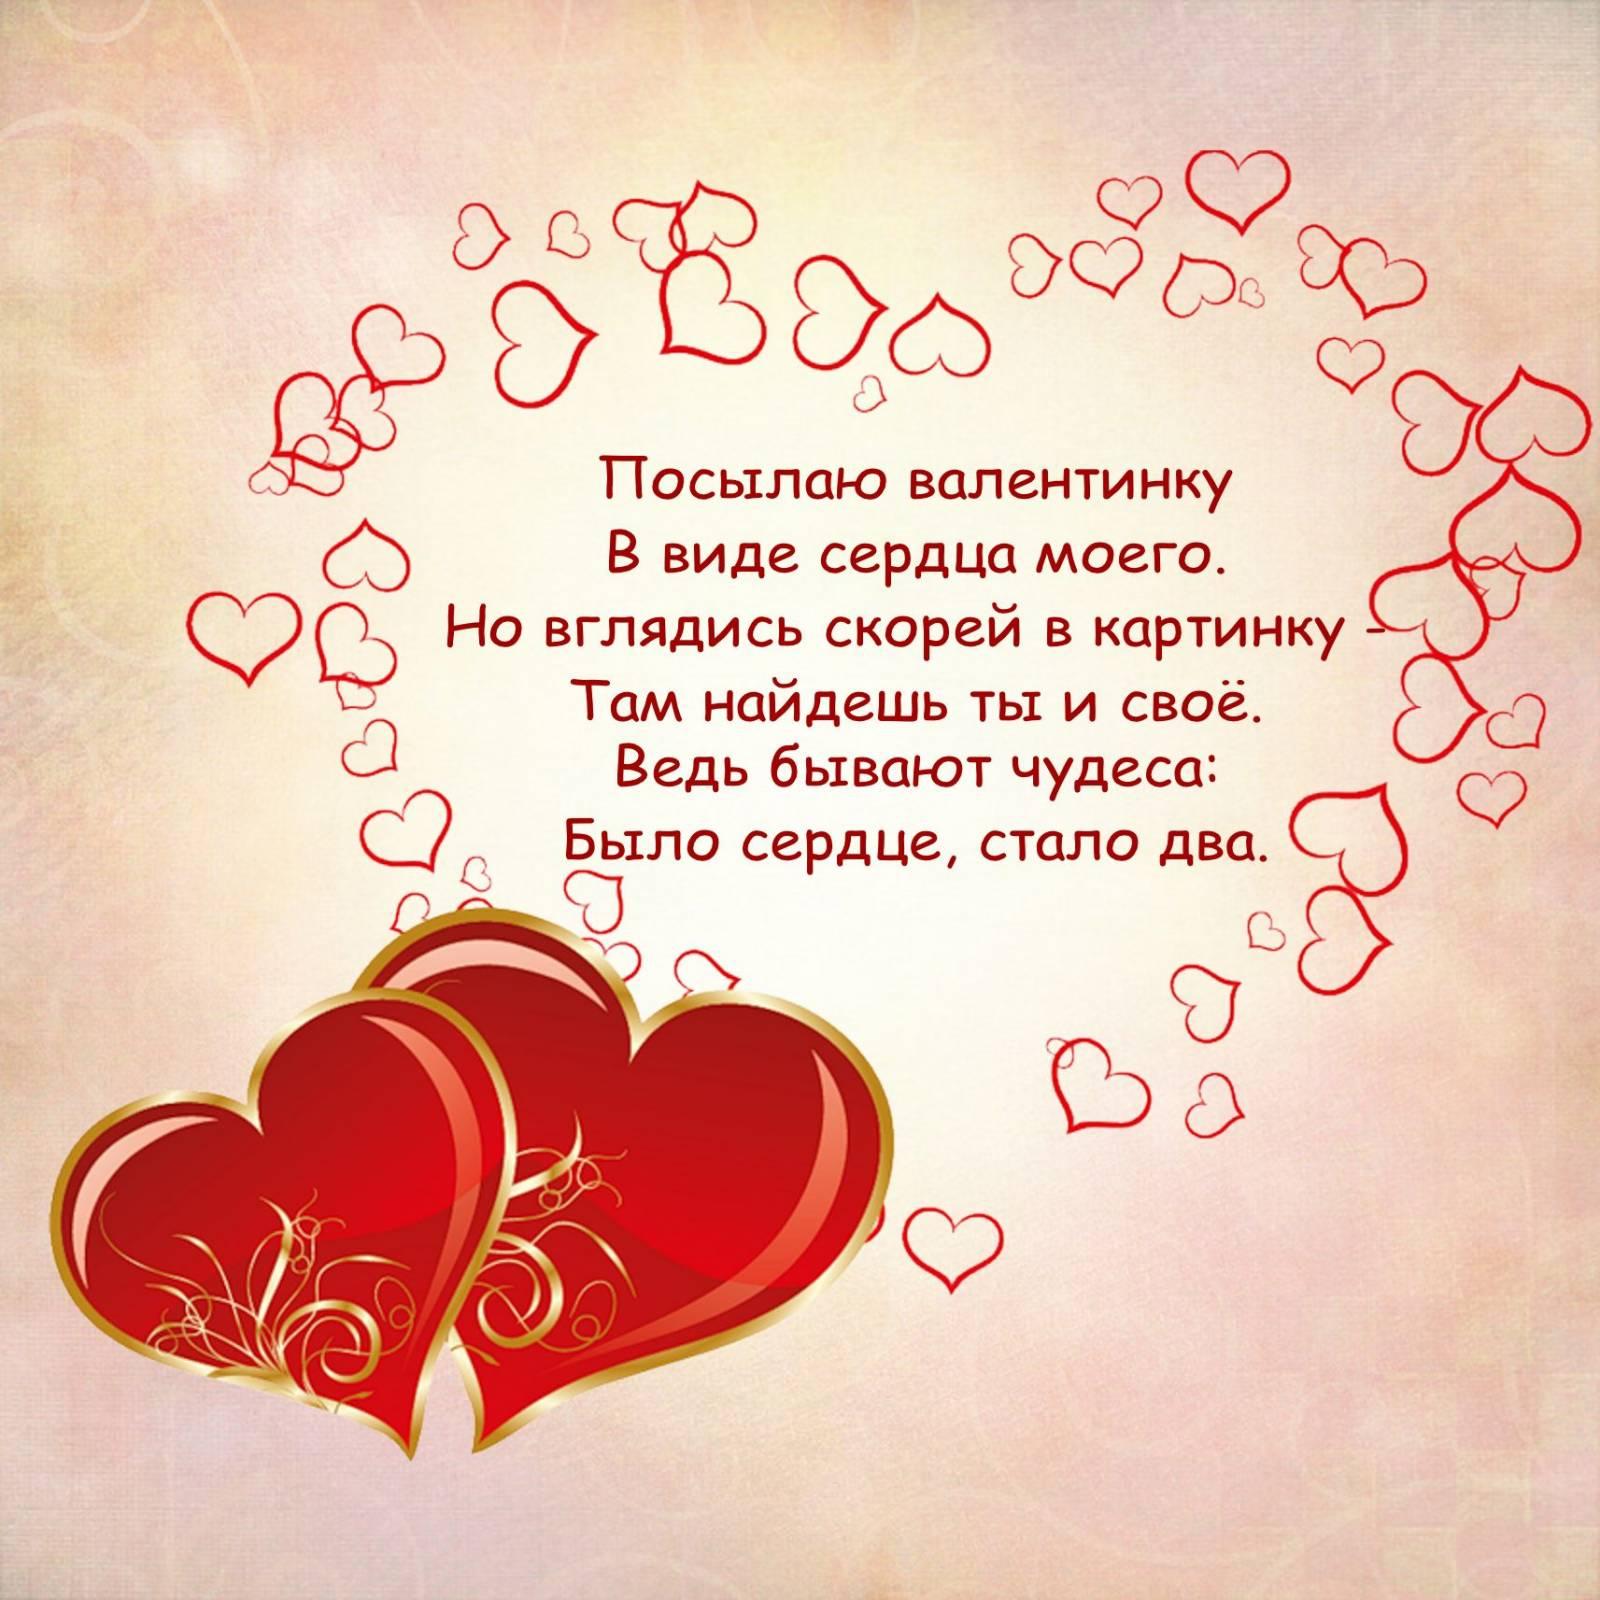 Поздравление с валентинками